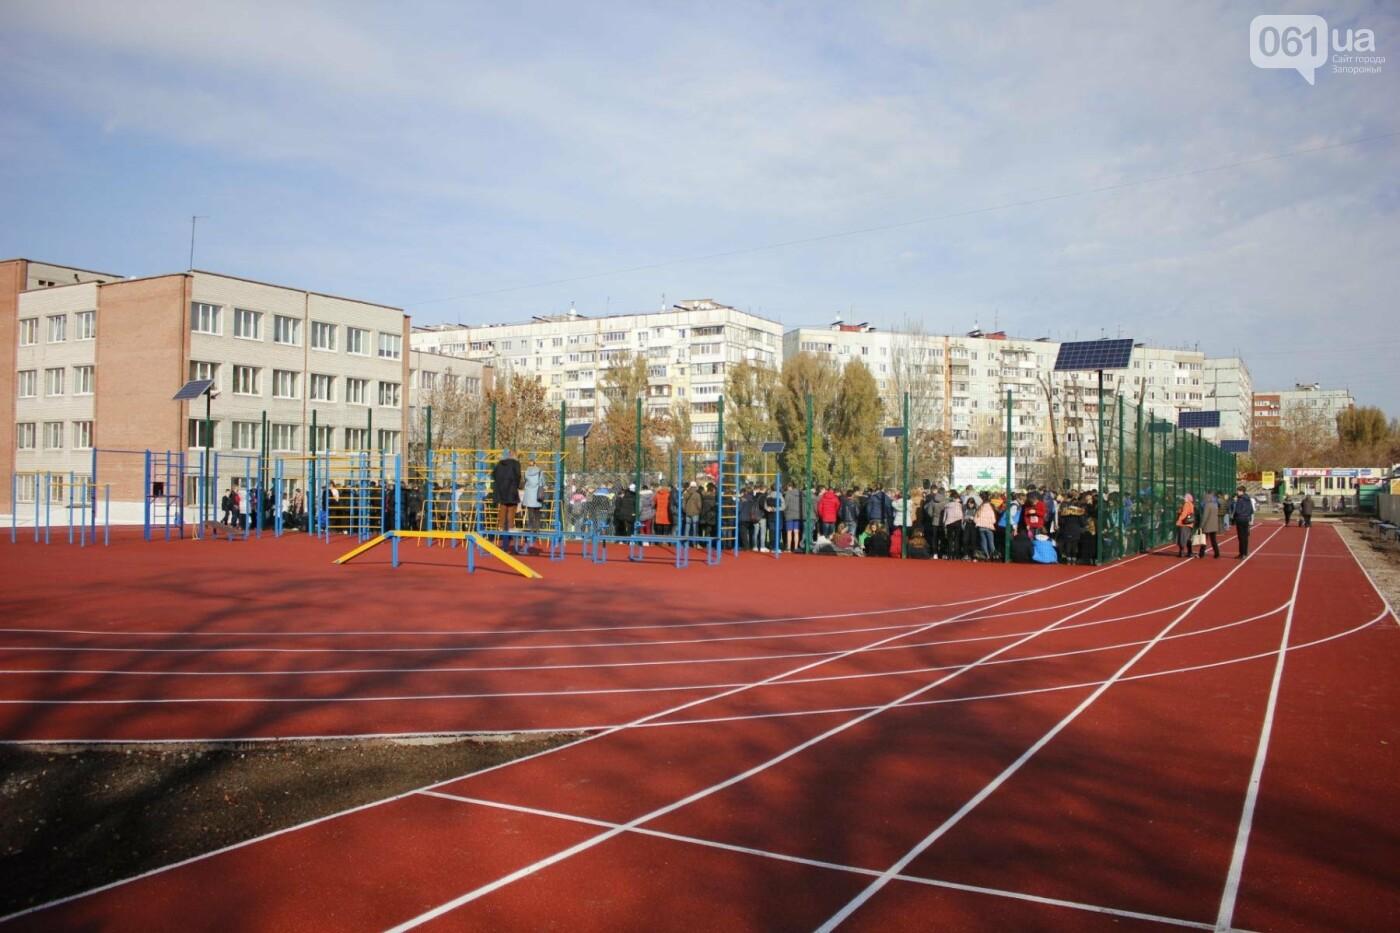 В Бородинском микрорайоне открыли школьный стадион: как это выглядит, - ФОТОРЕПОРТАЖ, фото-10